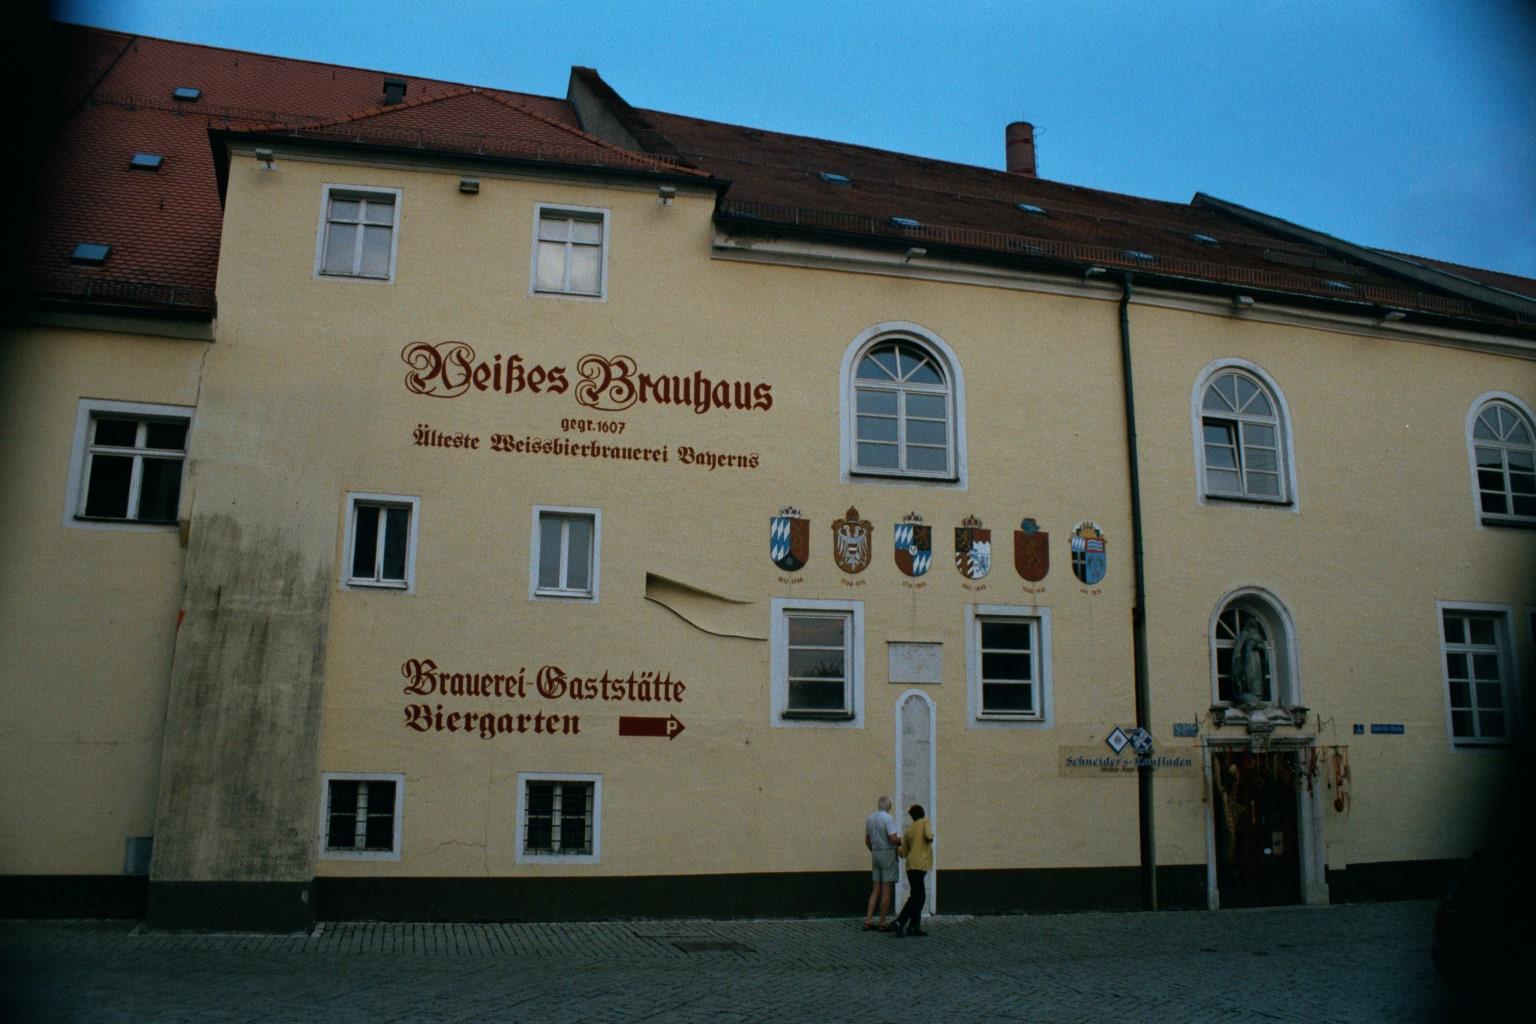 Schneider Brauerei Kelheim